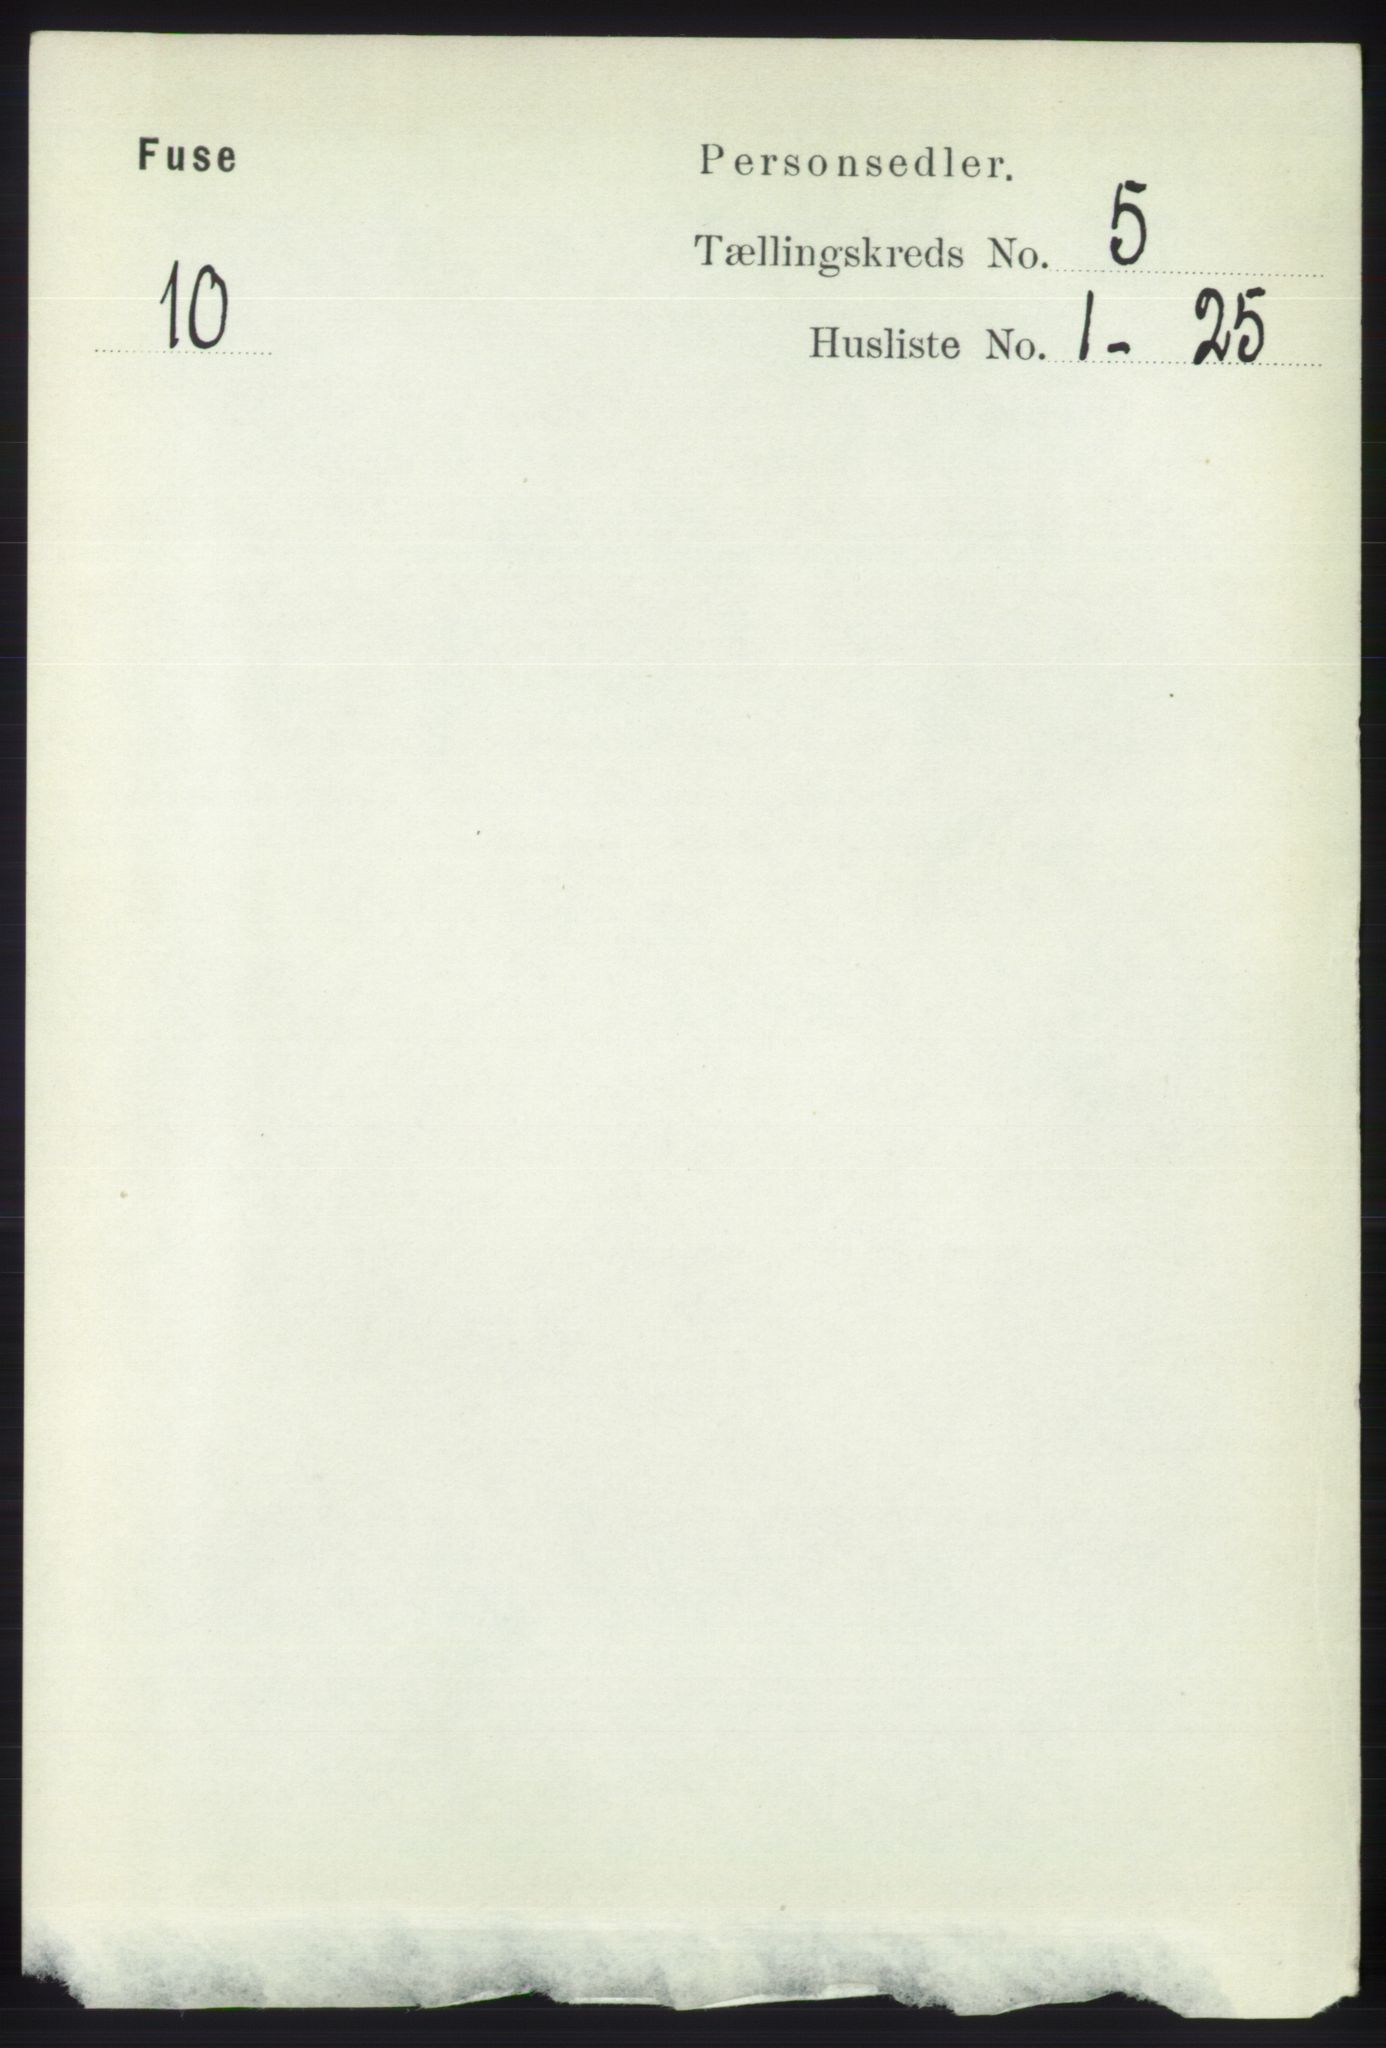 RA, Folketelling 1891 for 1241 Fusa herred, 1891, s. 885